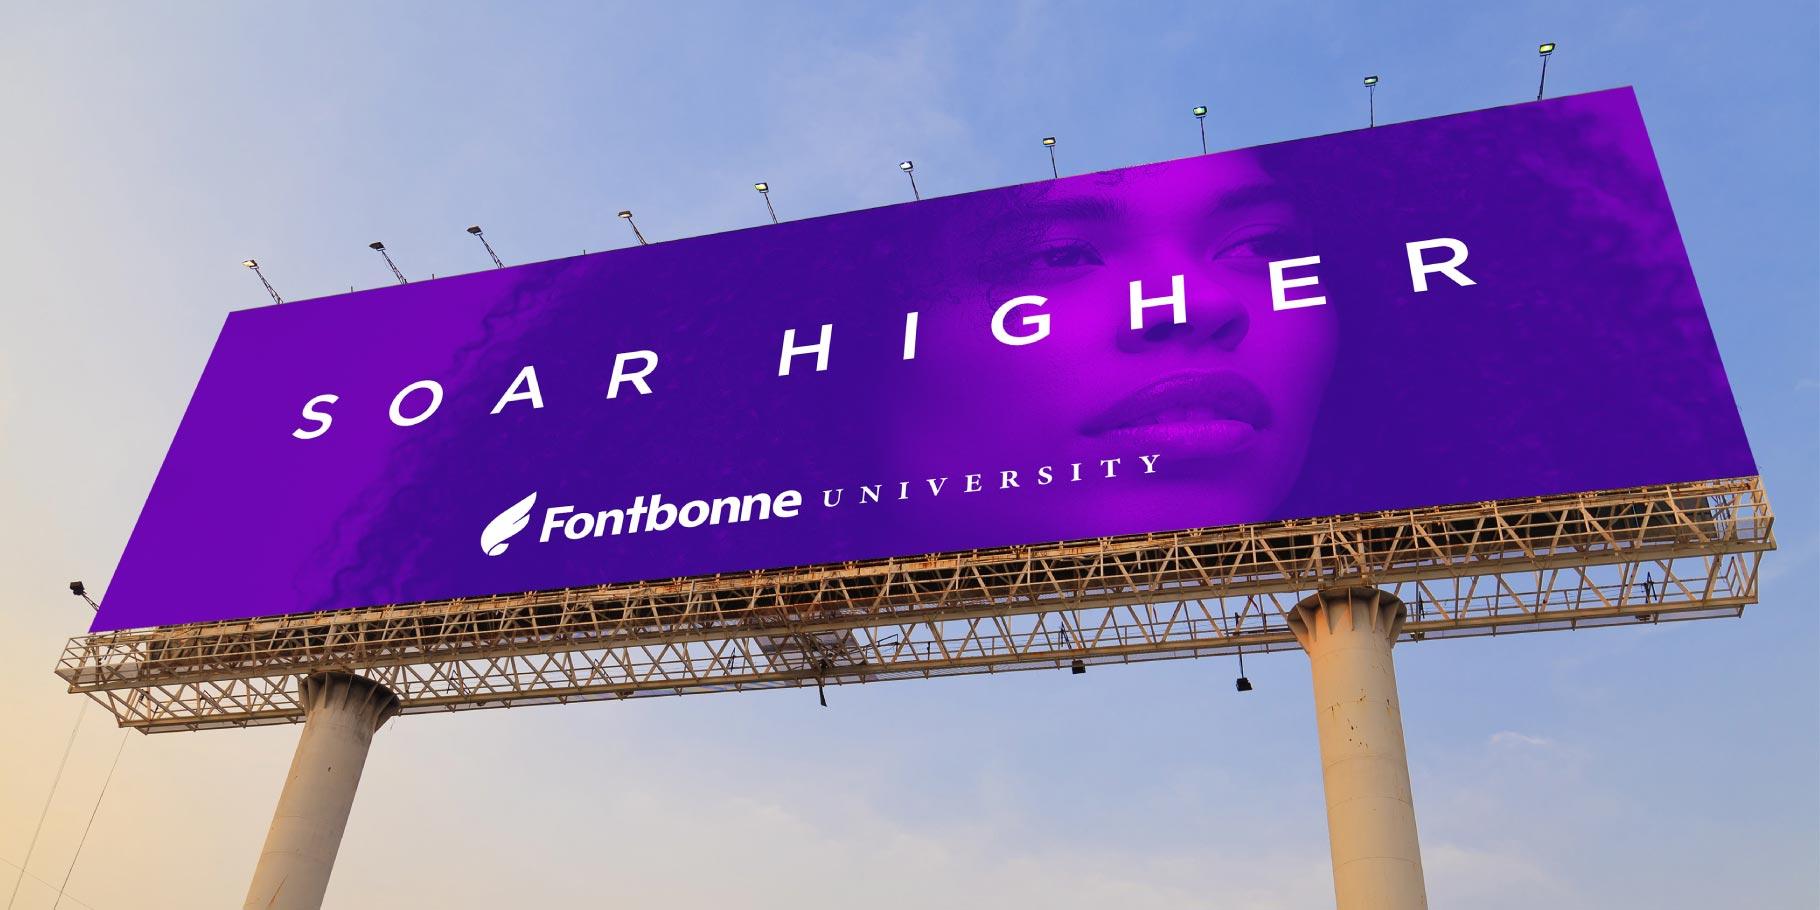 Fontbonne University Soar Higher billboard design